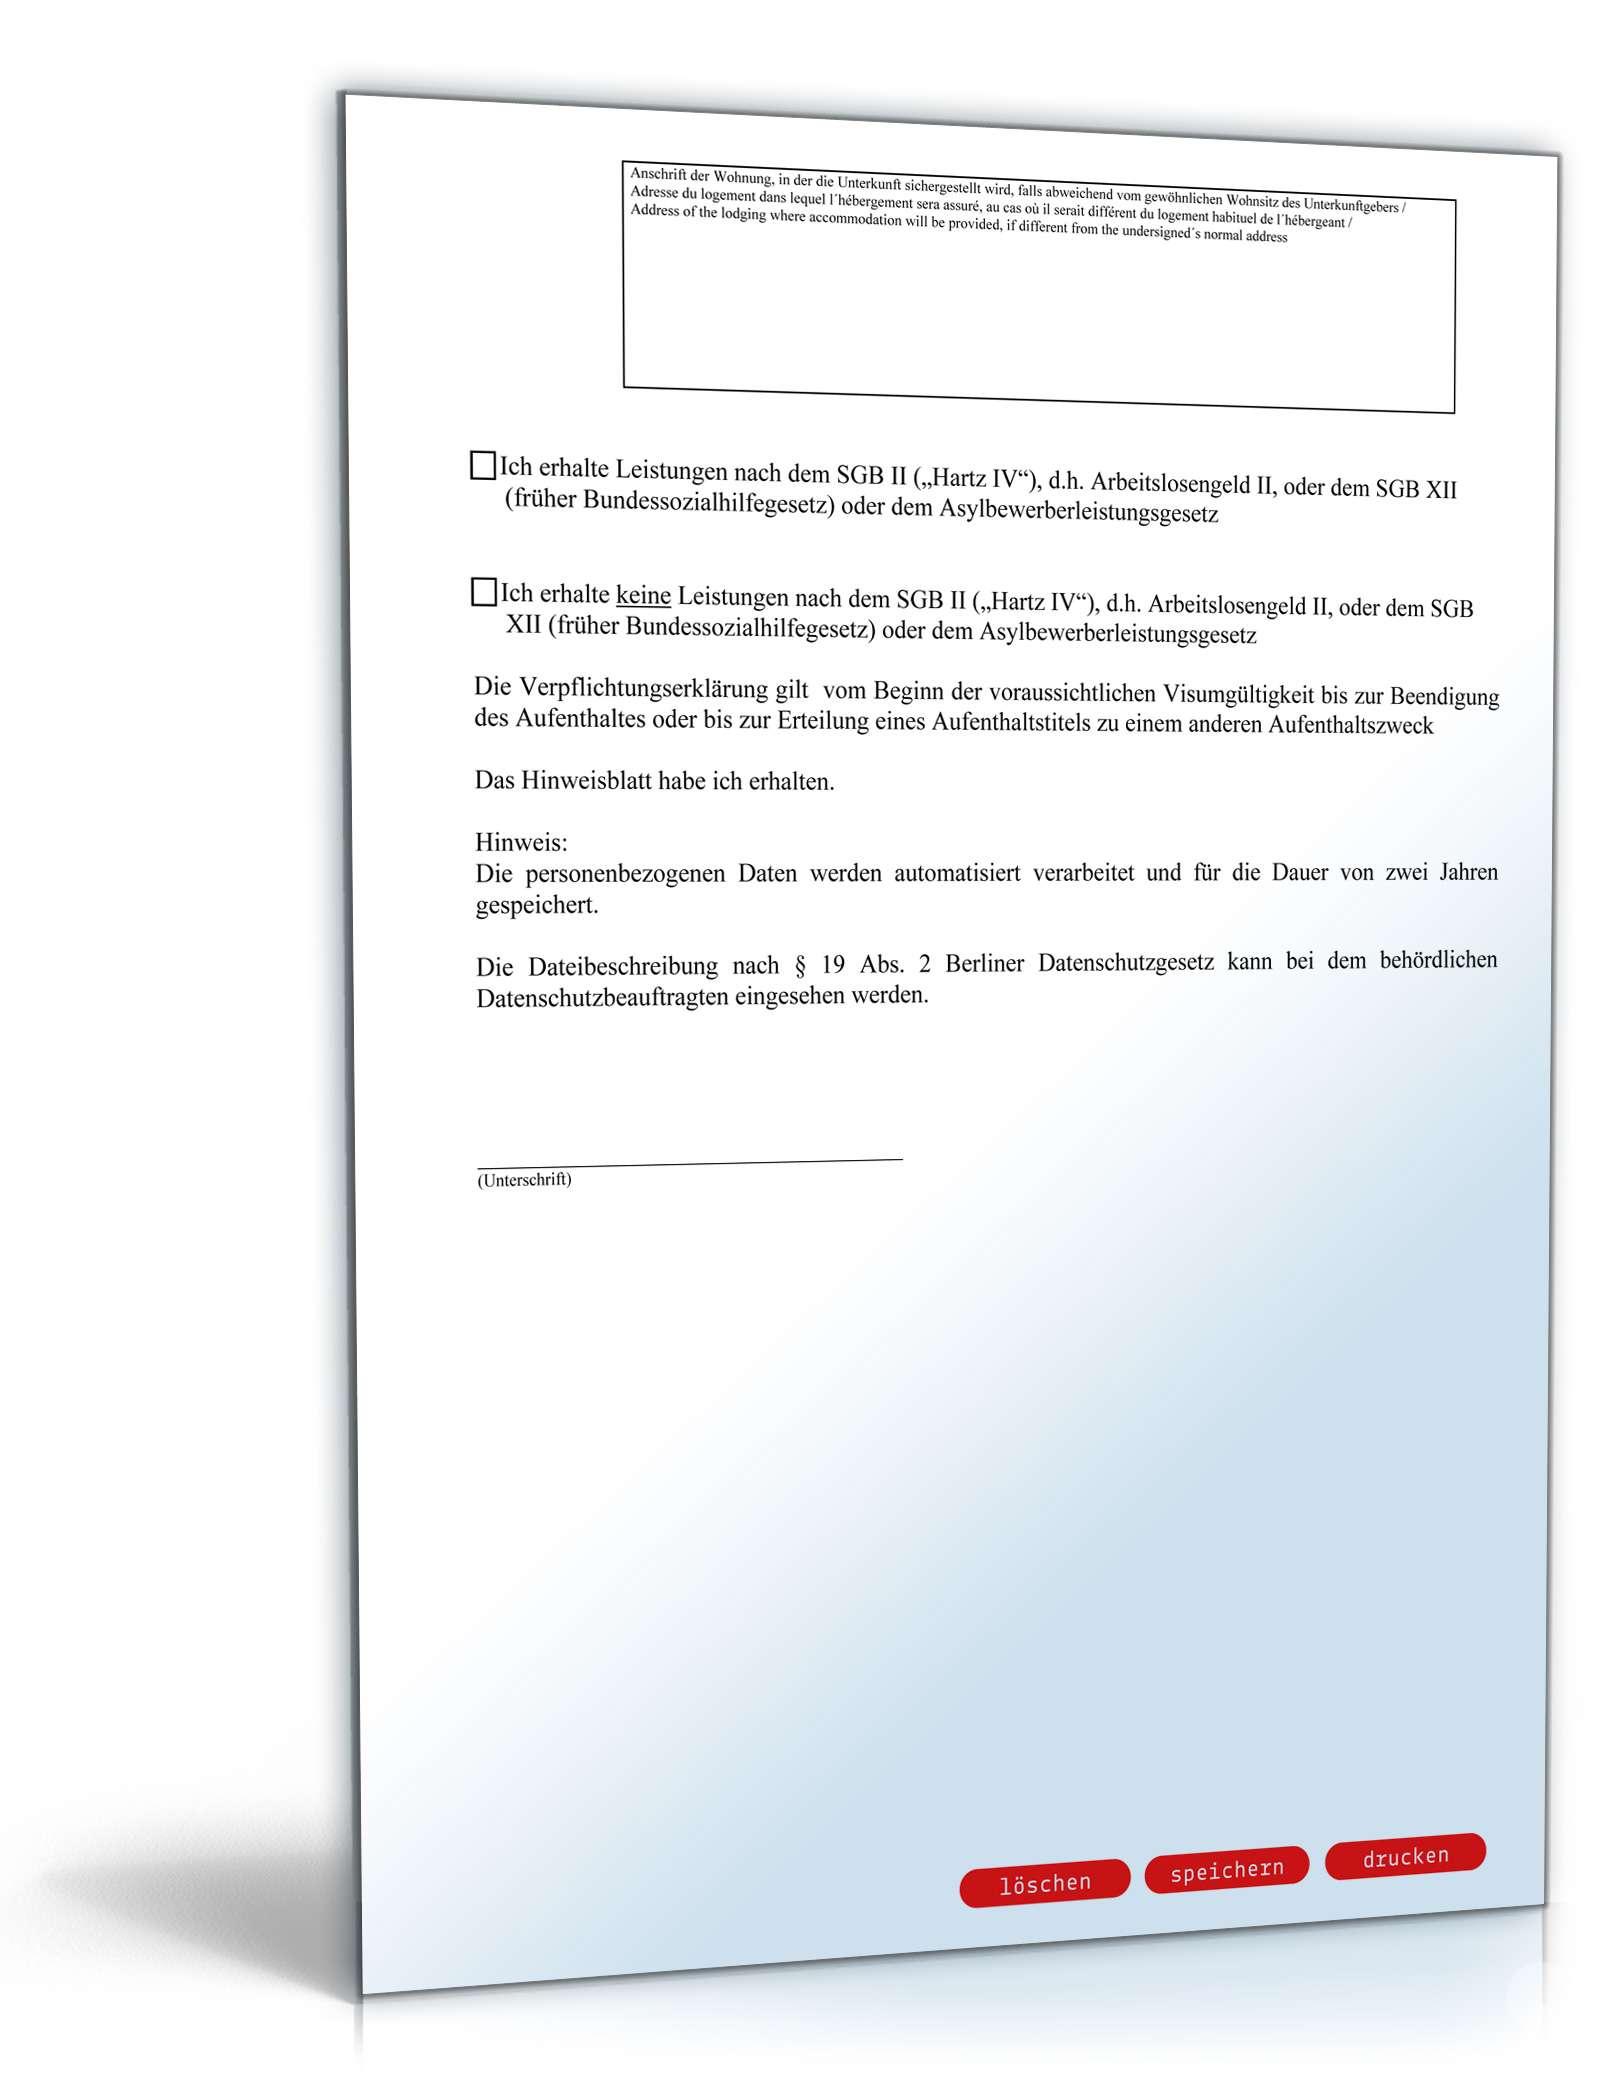 pdf seite 2 - Verpflichtungserklarung Muster